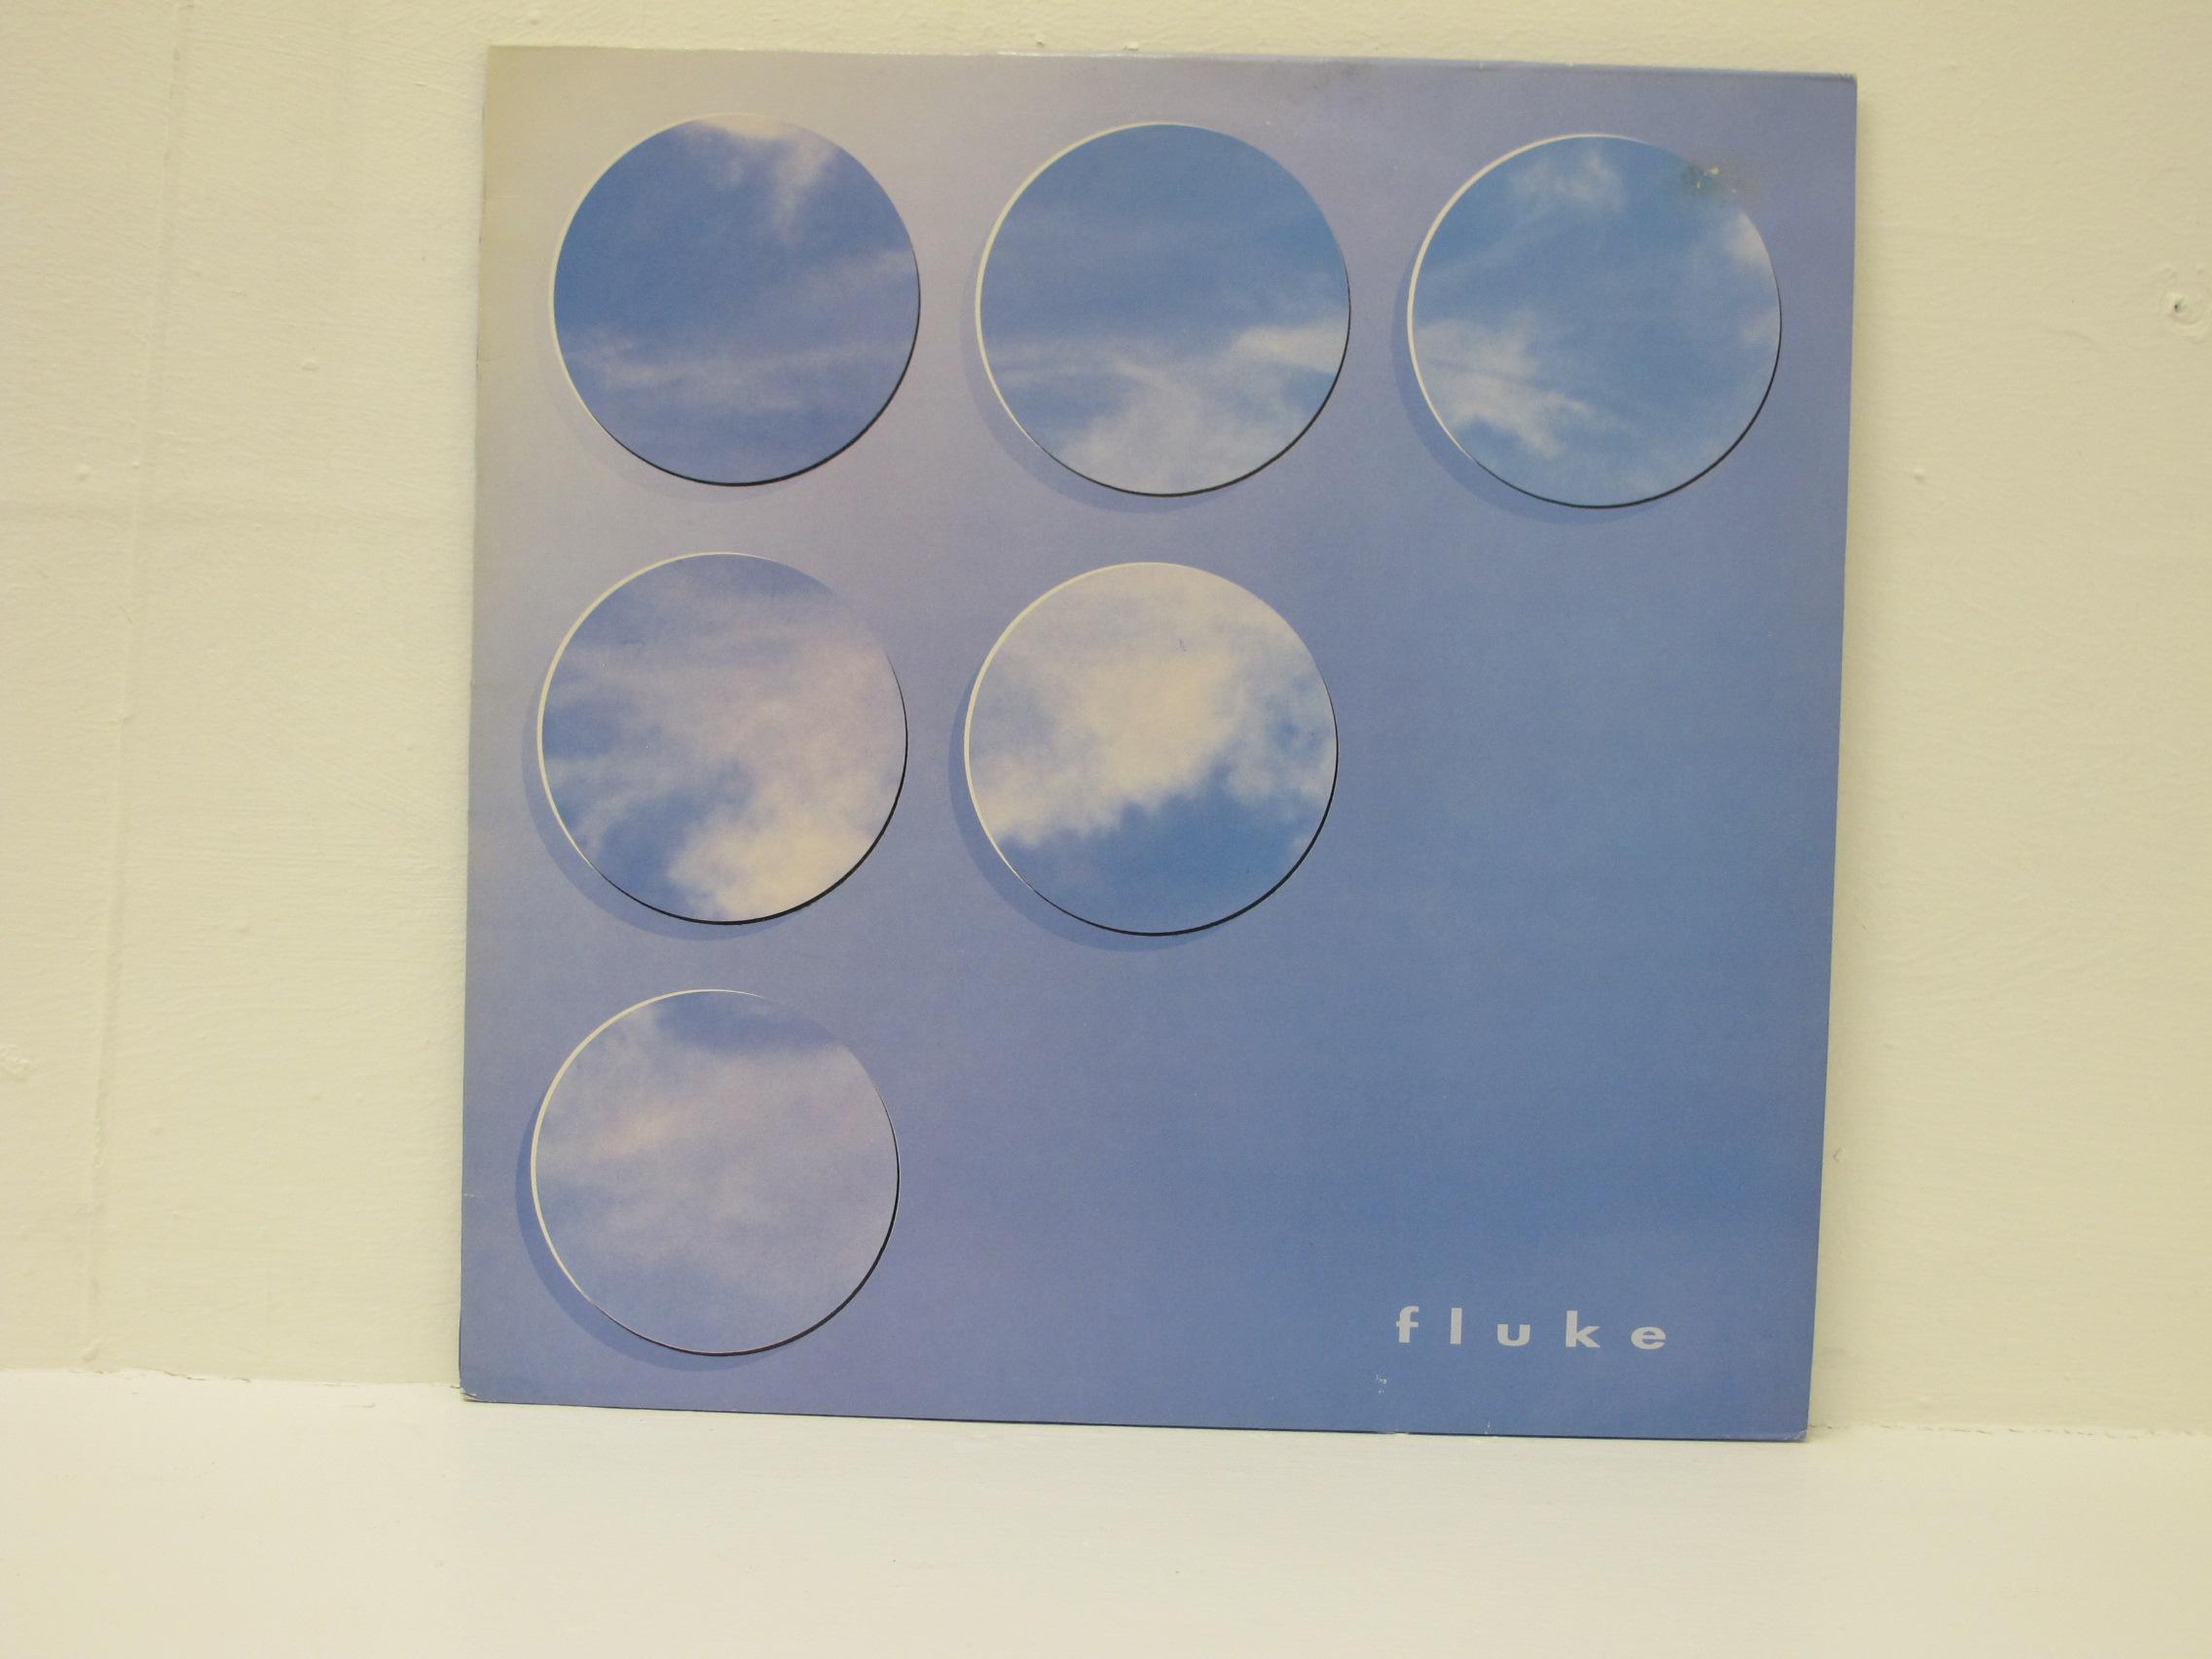 Fluke - Jamorphous Mix